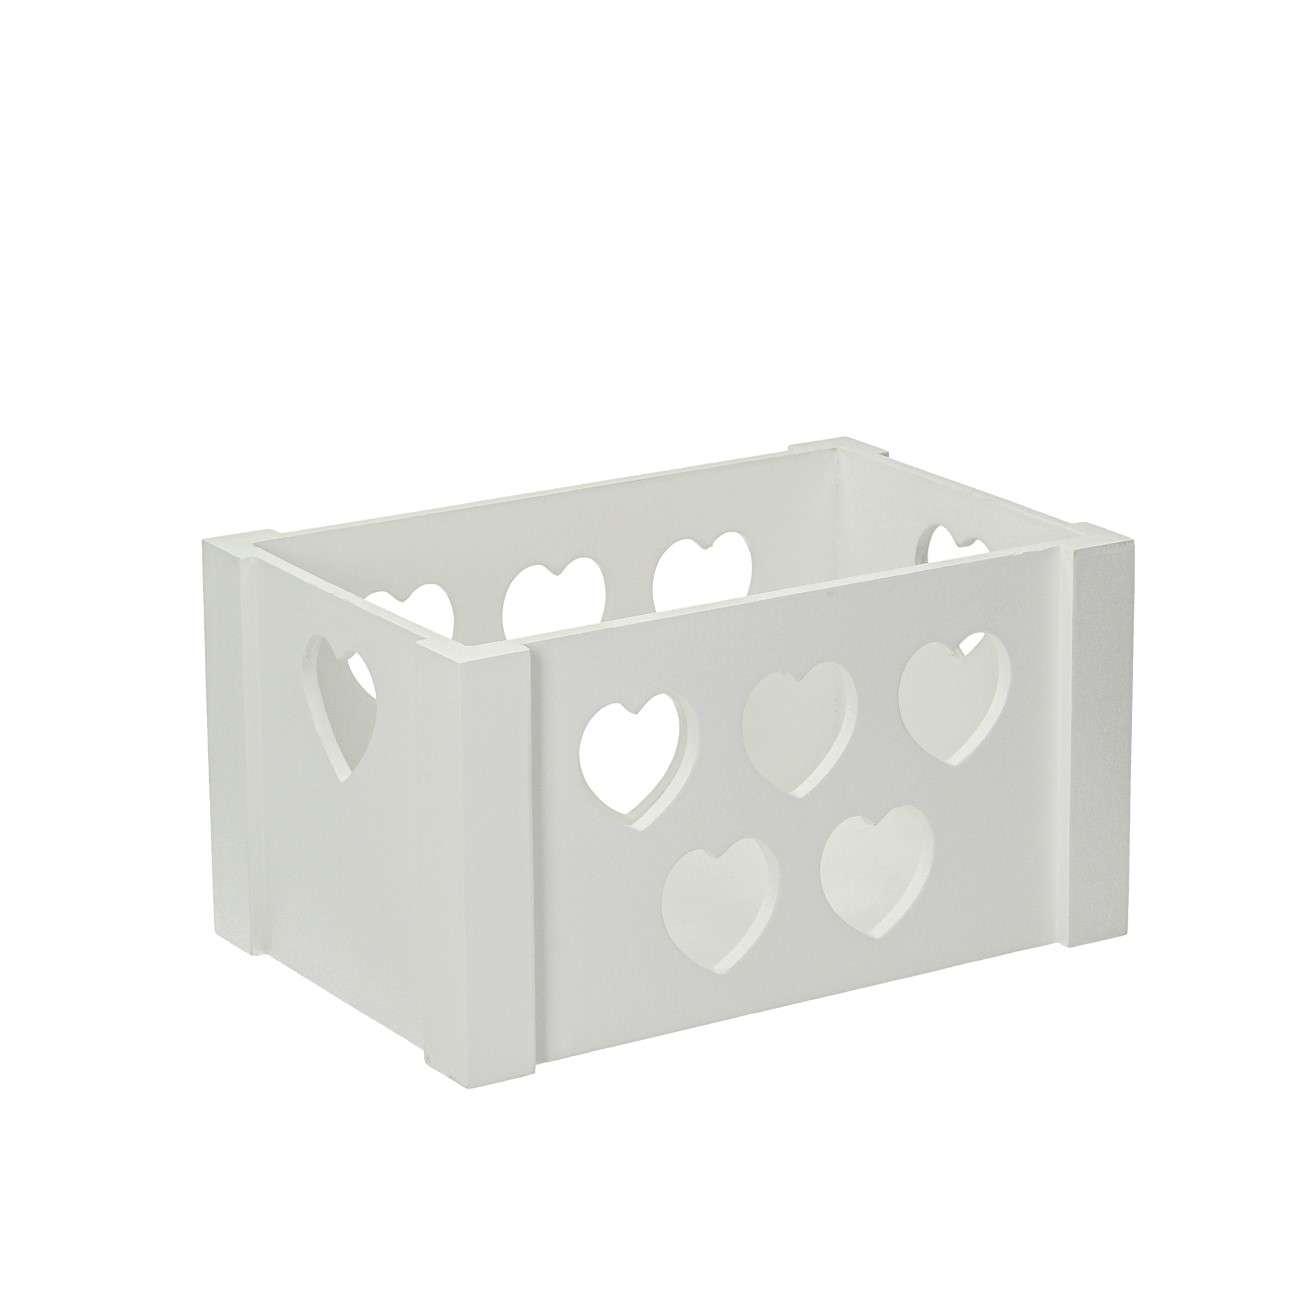 Bedna White Box 23x35x20cm